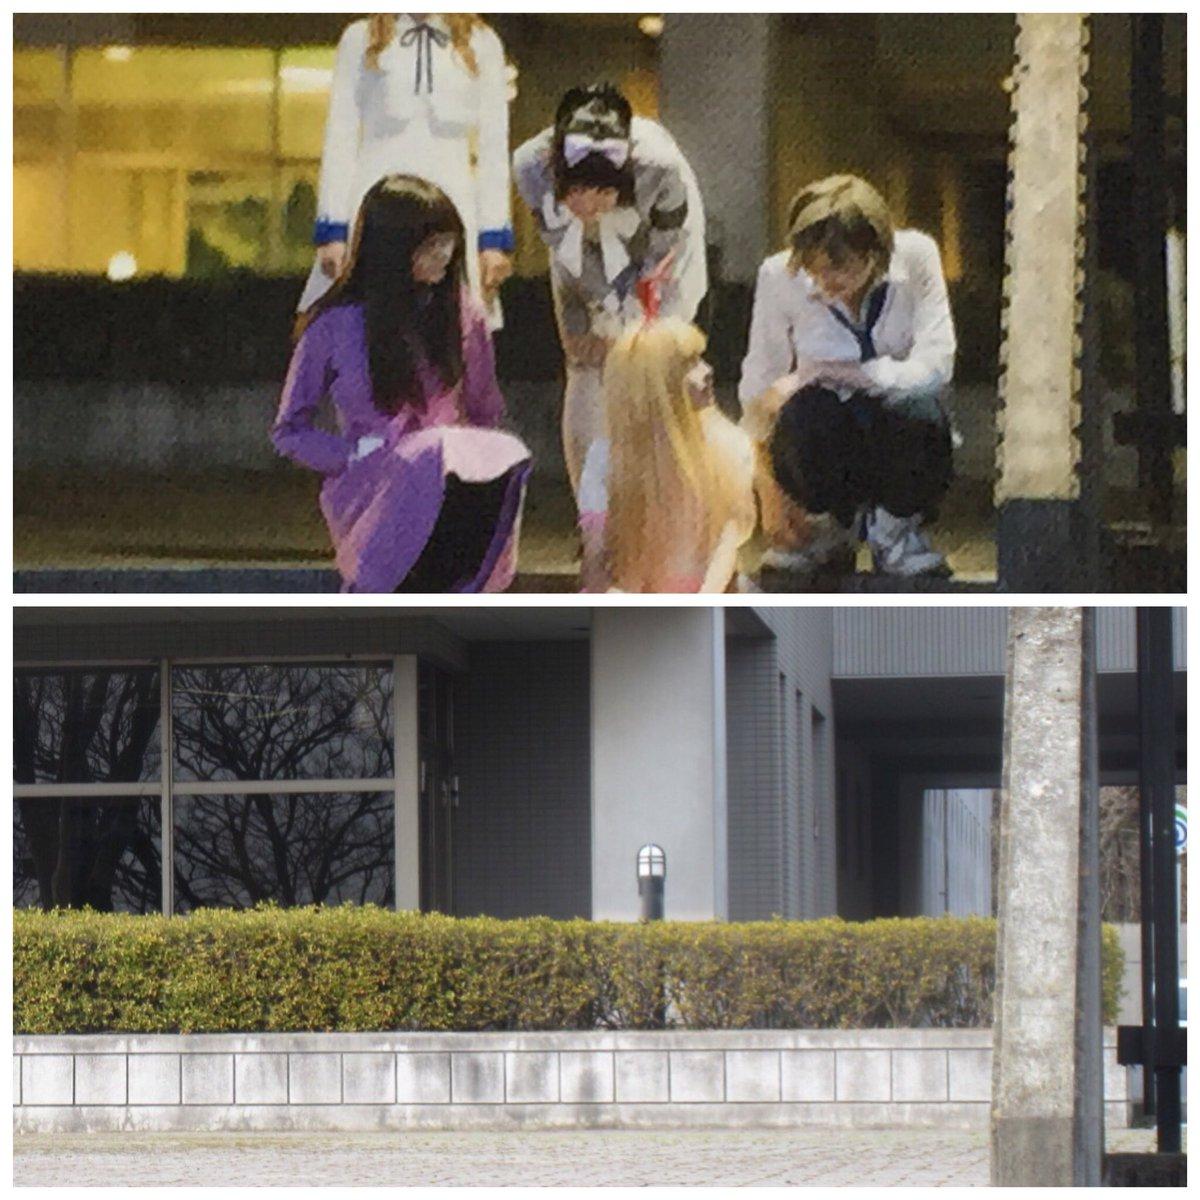 ドラマ・映画『咲-saki-』公式ビジュアルガイドが販売になったので、小美玉市生涯学習センターを再訪して来ました。試合後